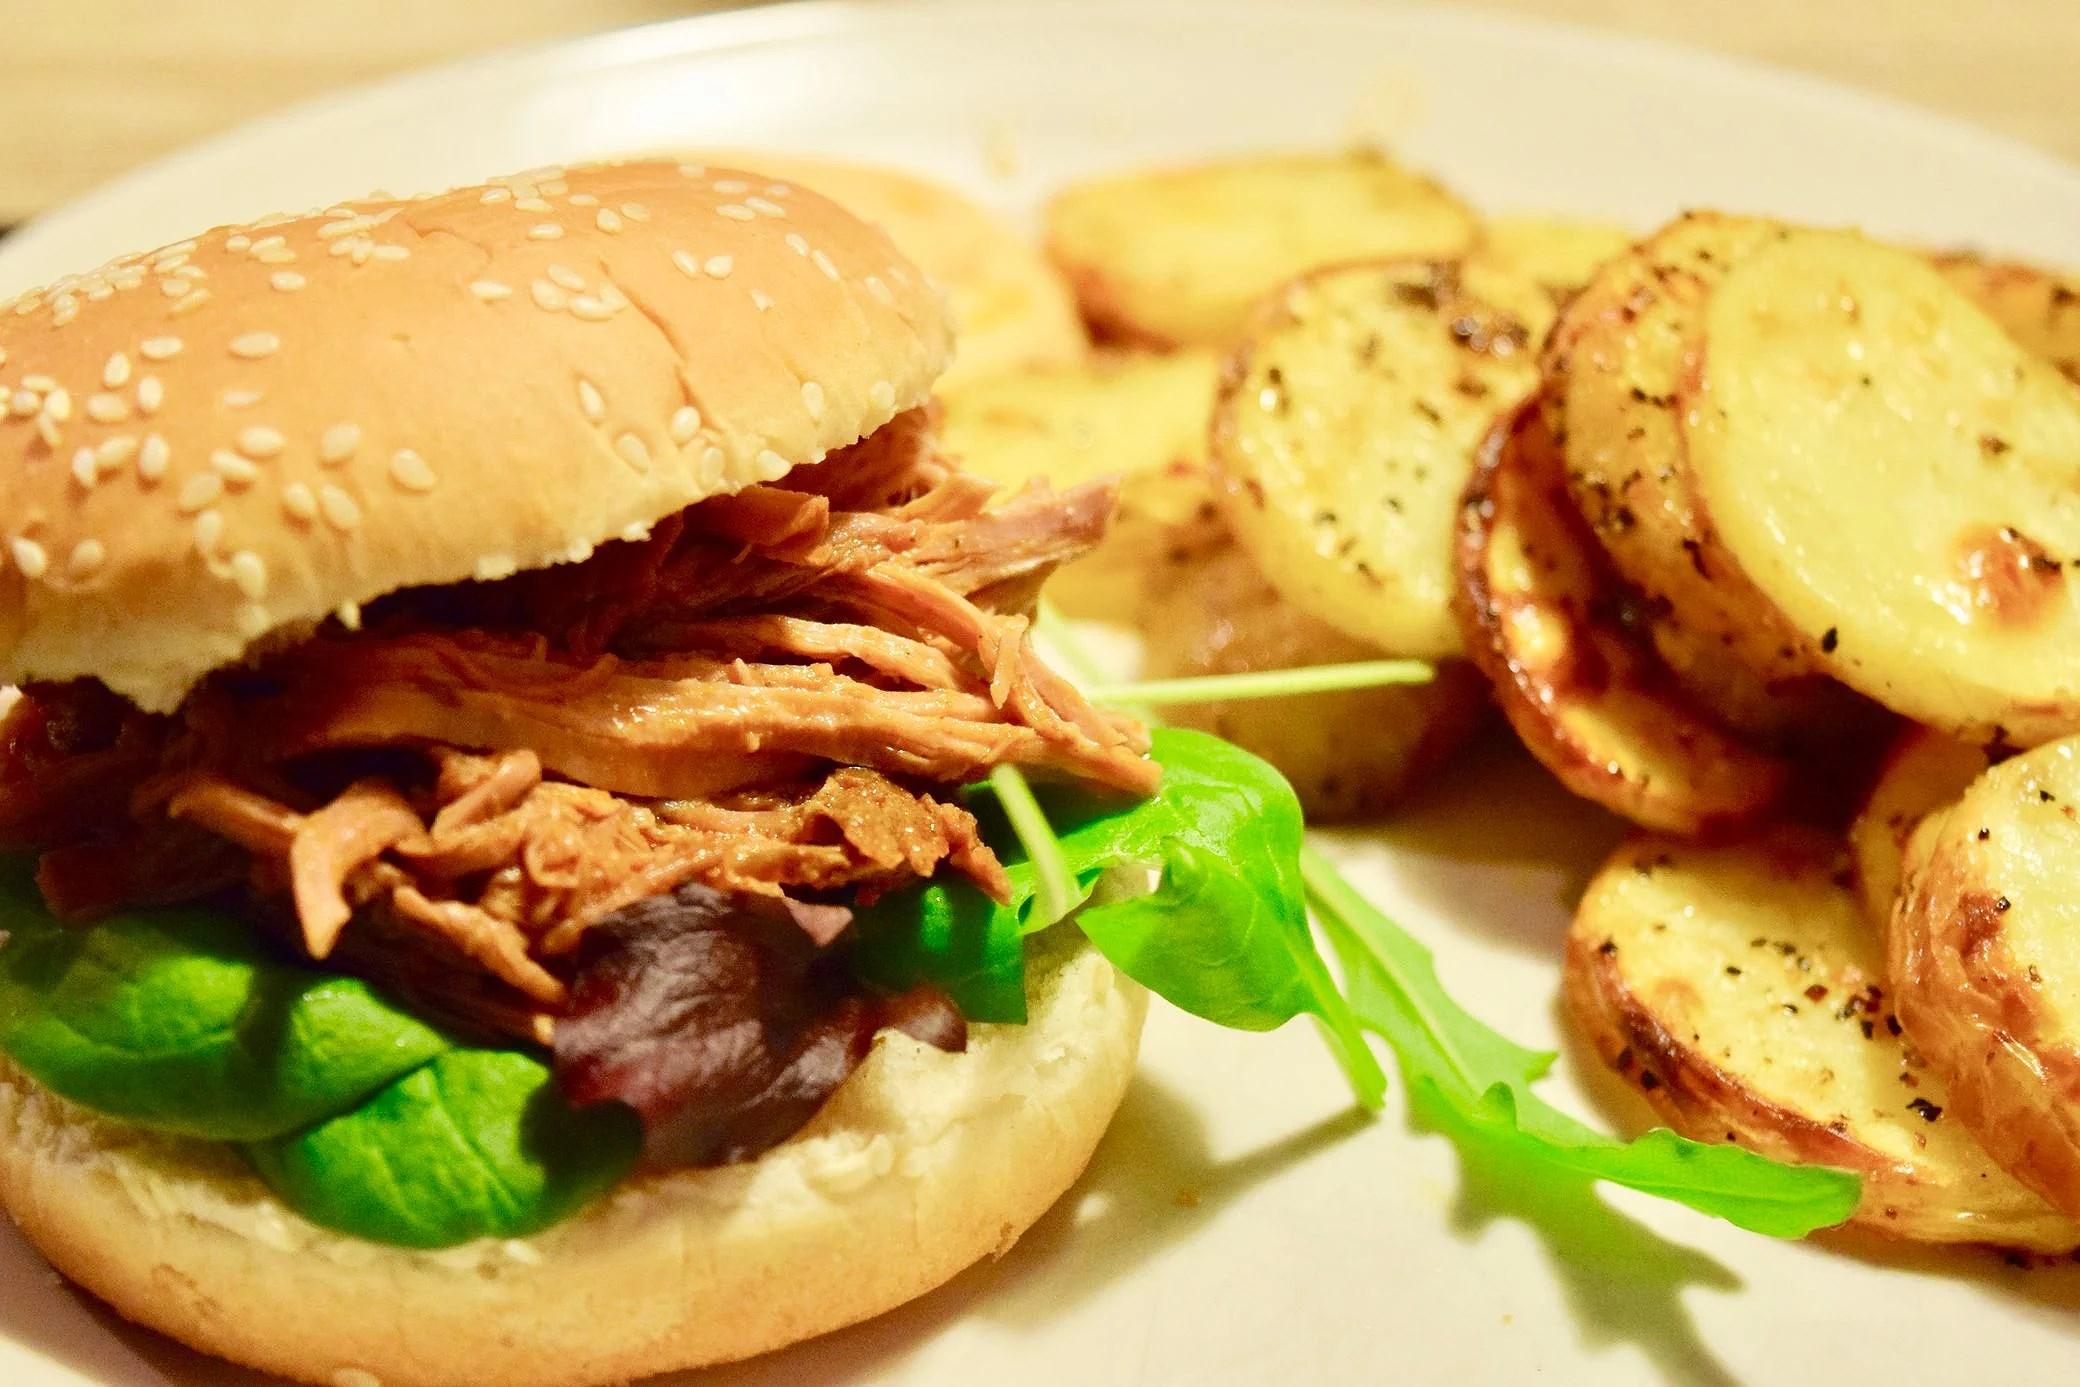 Dinner - Pulled Pork